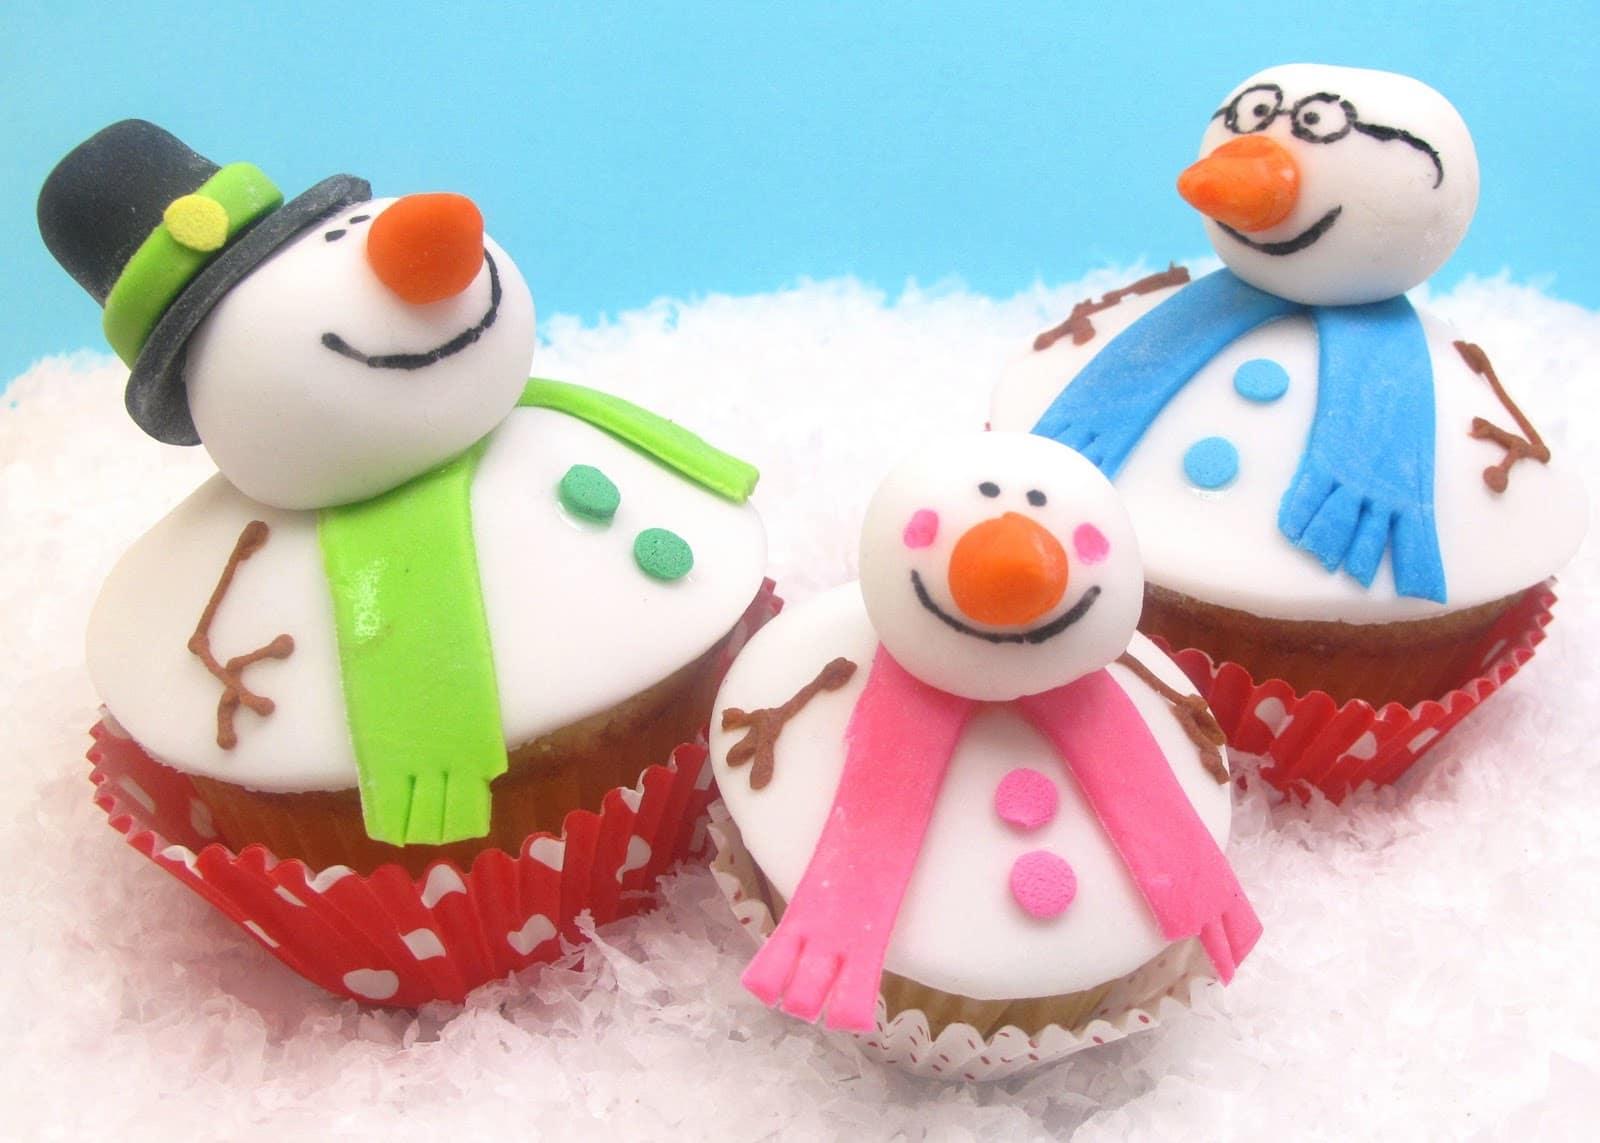 snowman cupcake Christmas card -- family holiday card ideas